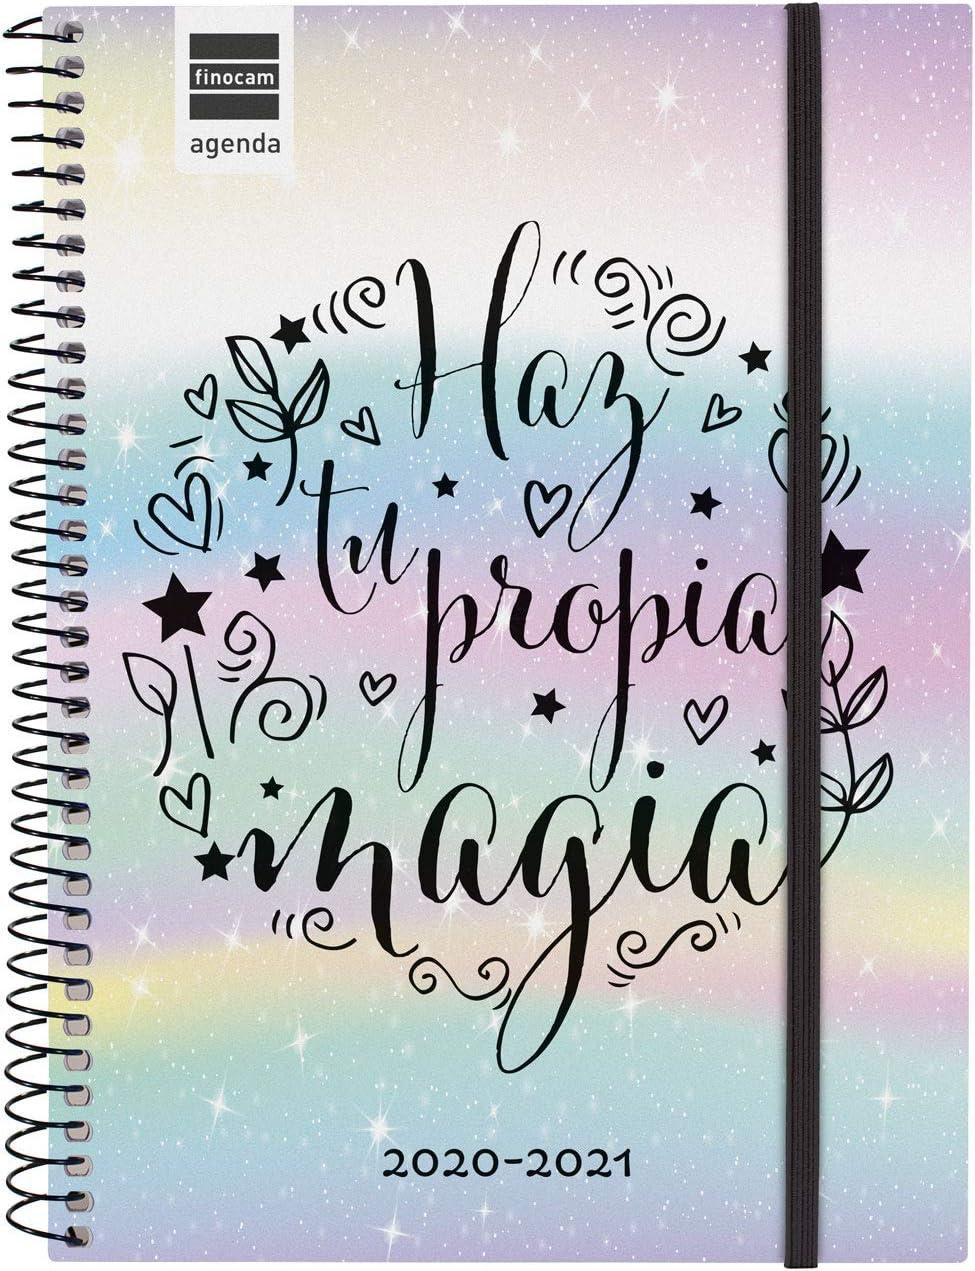 Finocam - Agenda Curso 2020-2021 Cuarto-155x212 Semana Vista Apaisada Secundaria Magia Español